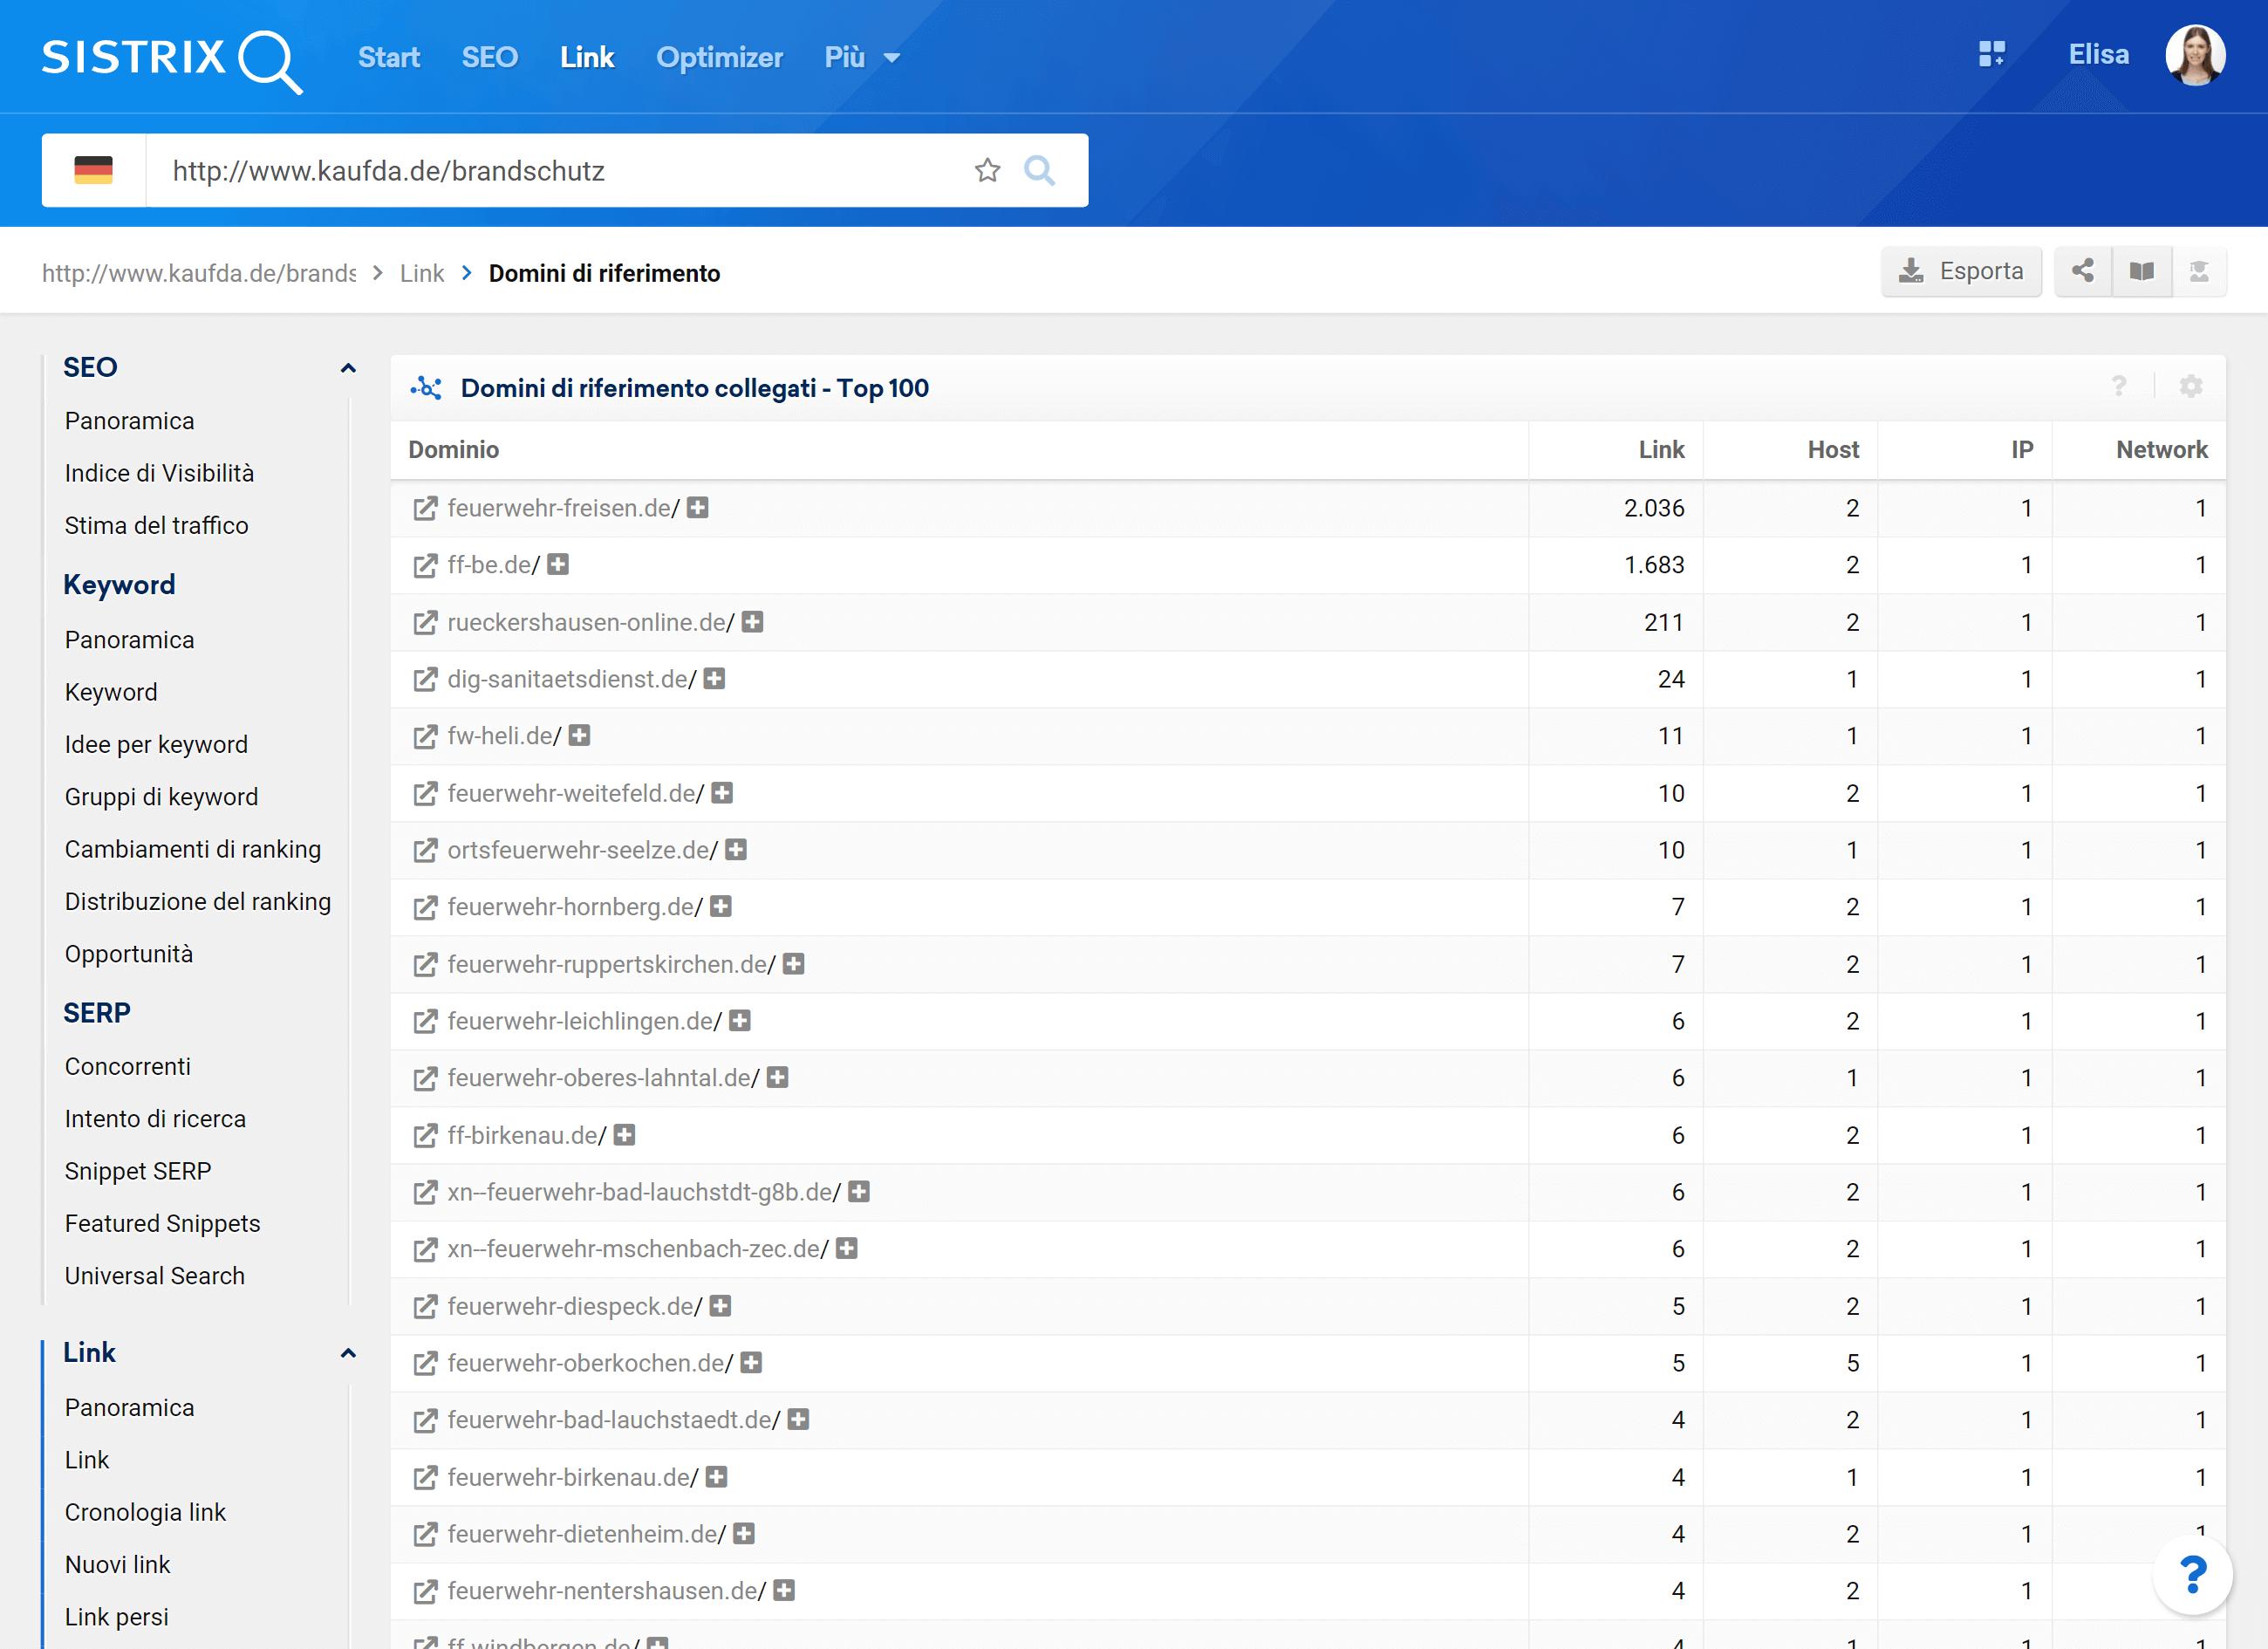 Numerosi domini che linkano kaufda.de sono siti di vigili del fuoco